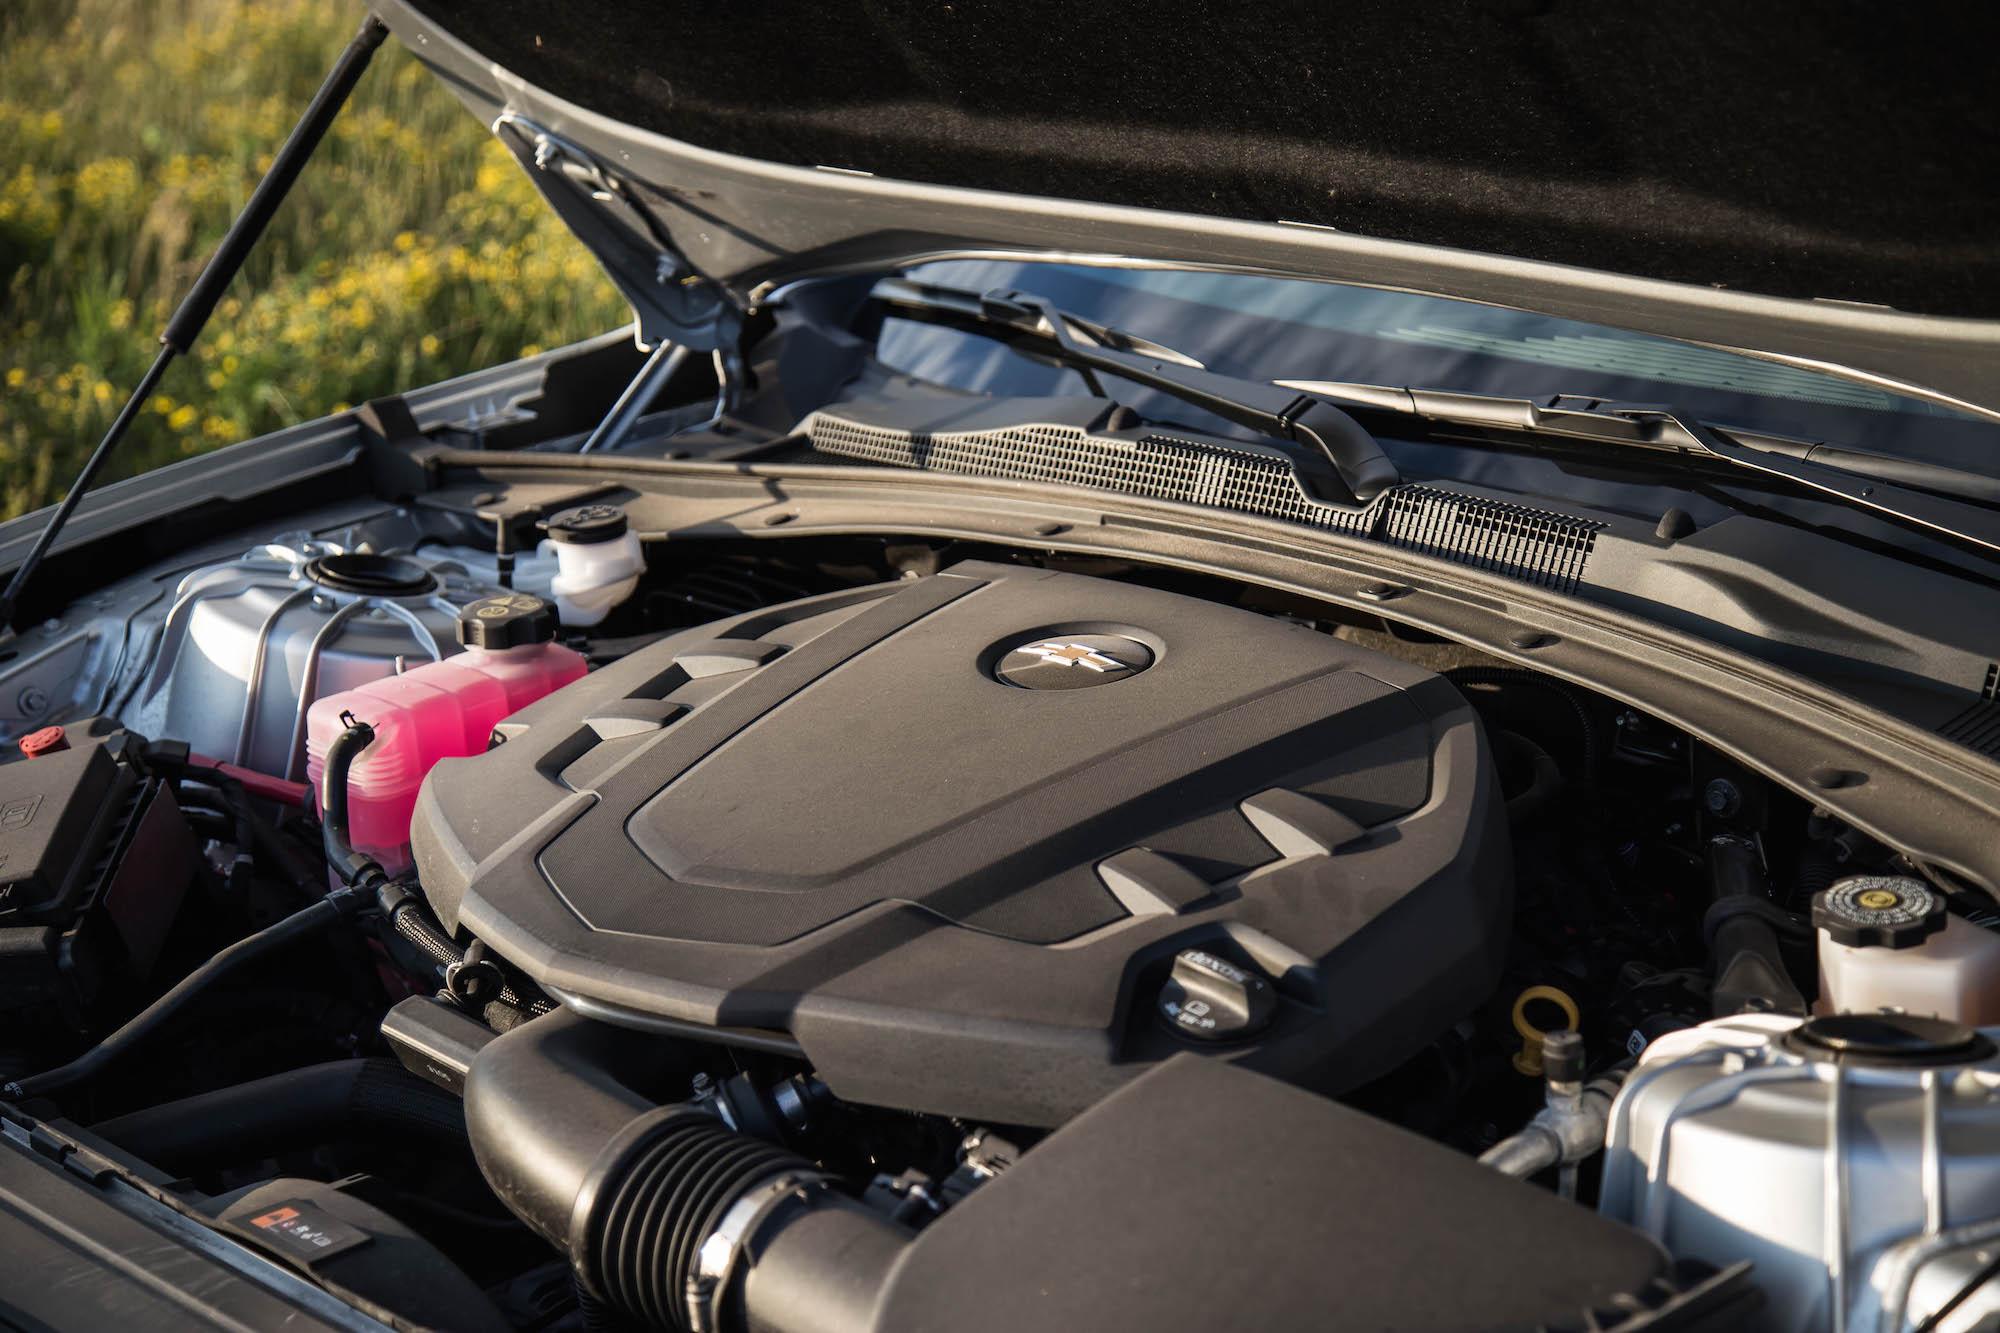 2014 Chevy Camaro V6 Horsepower 2016 Camaro Dot Com